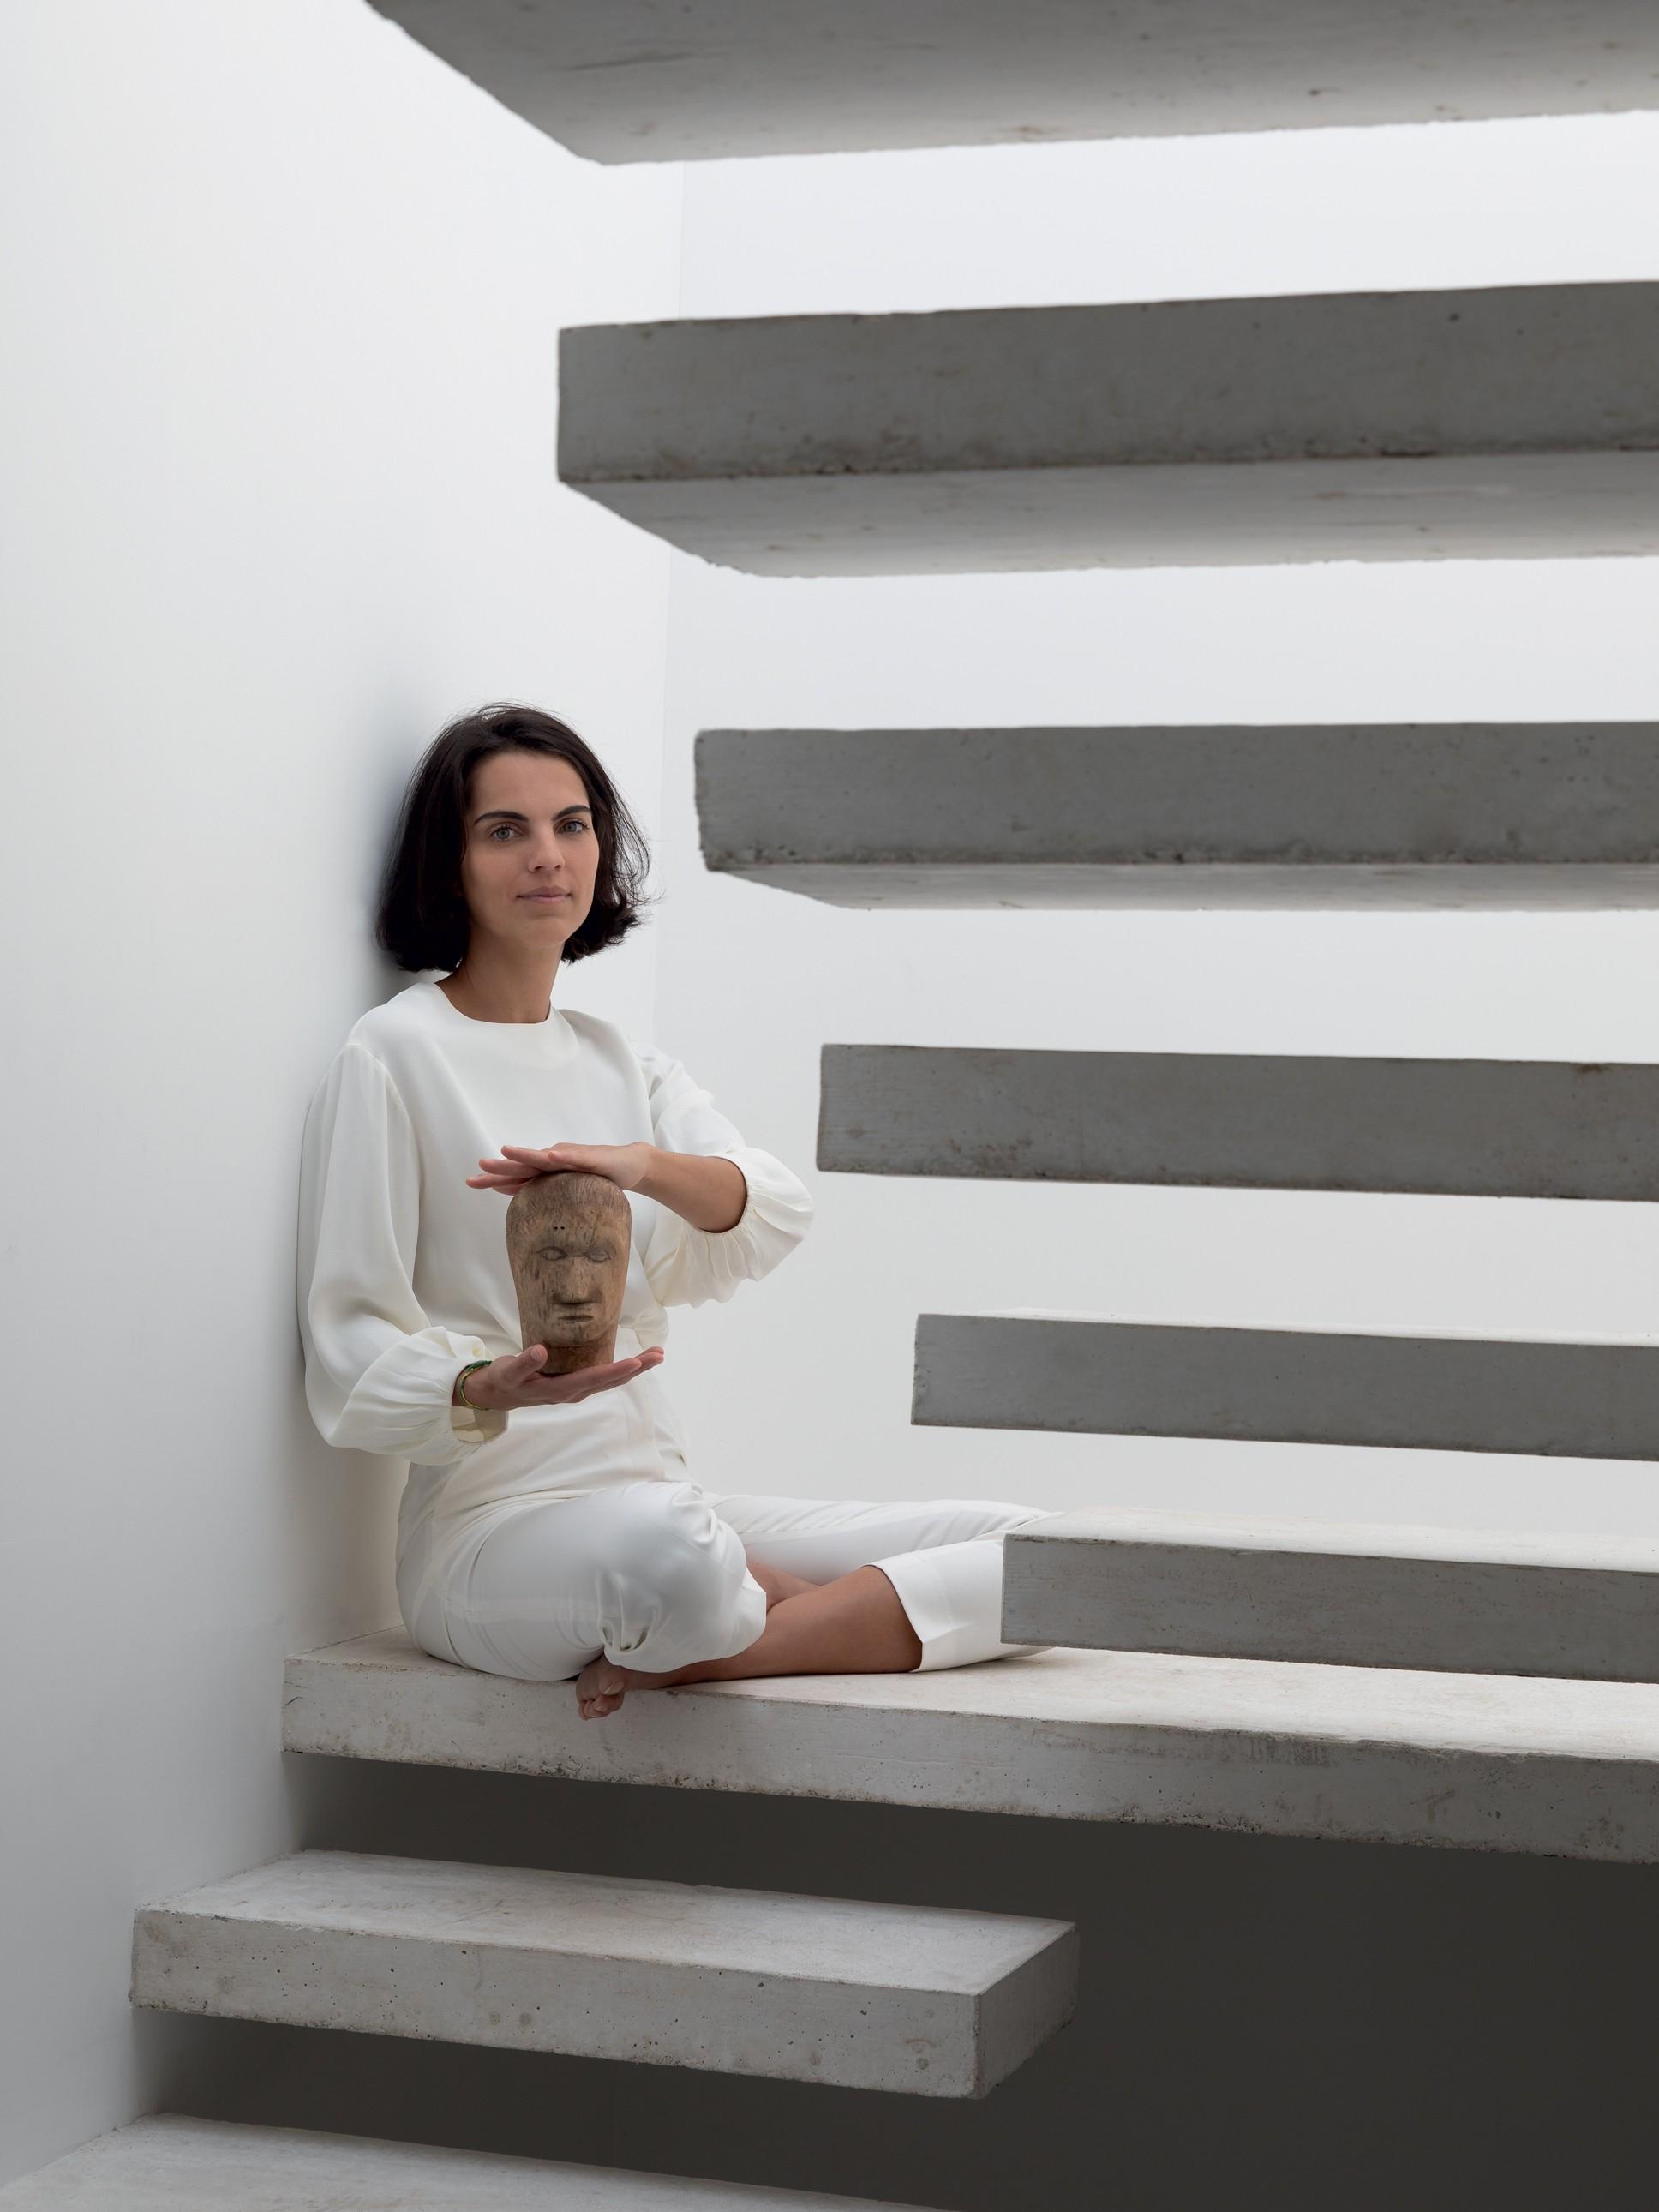 Em isolamento, arquitetos e designers revelam as histórias de seus objetos preferidos  (Foto: André Klotz)